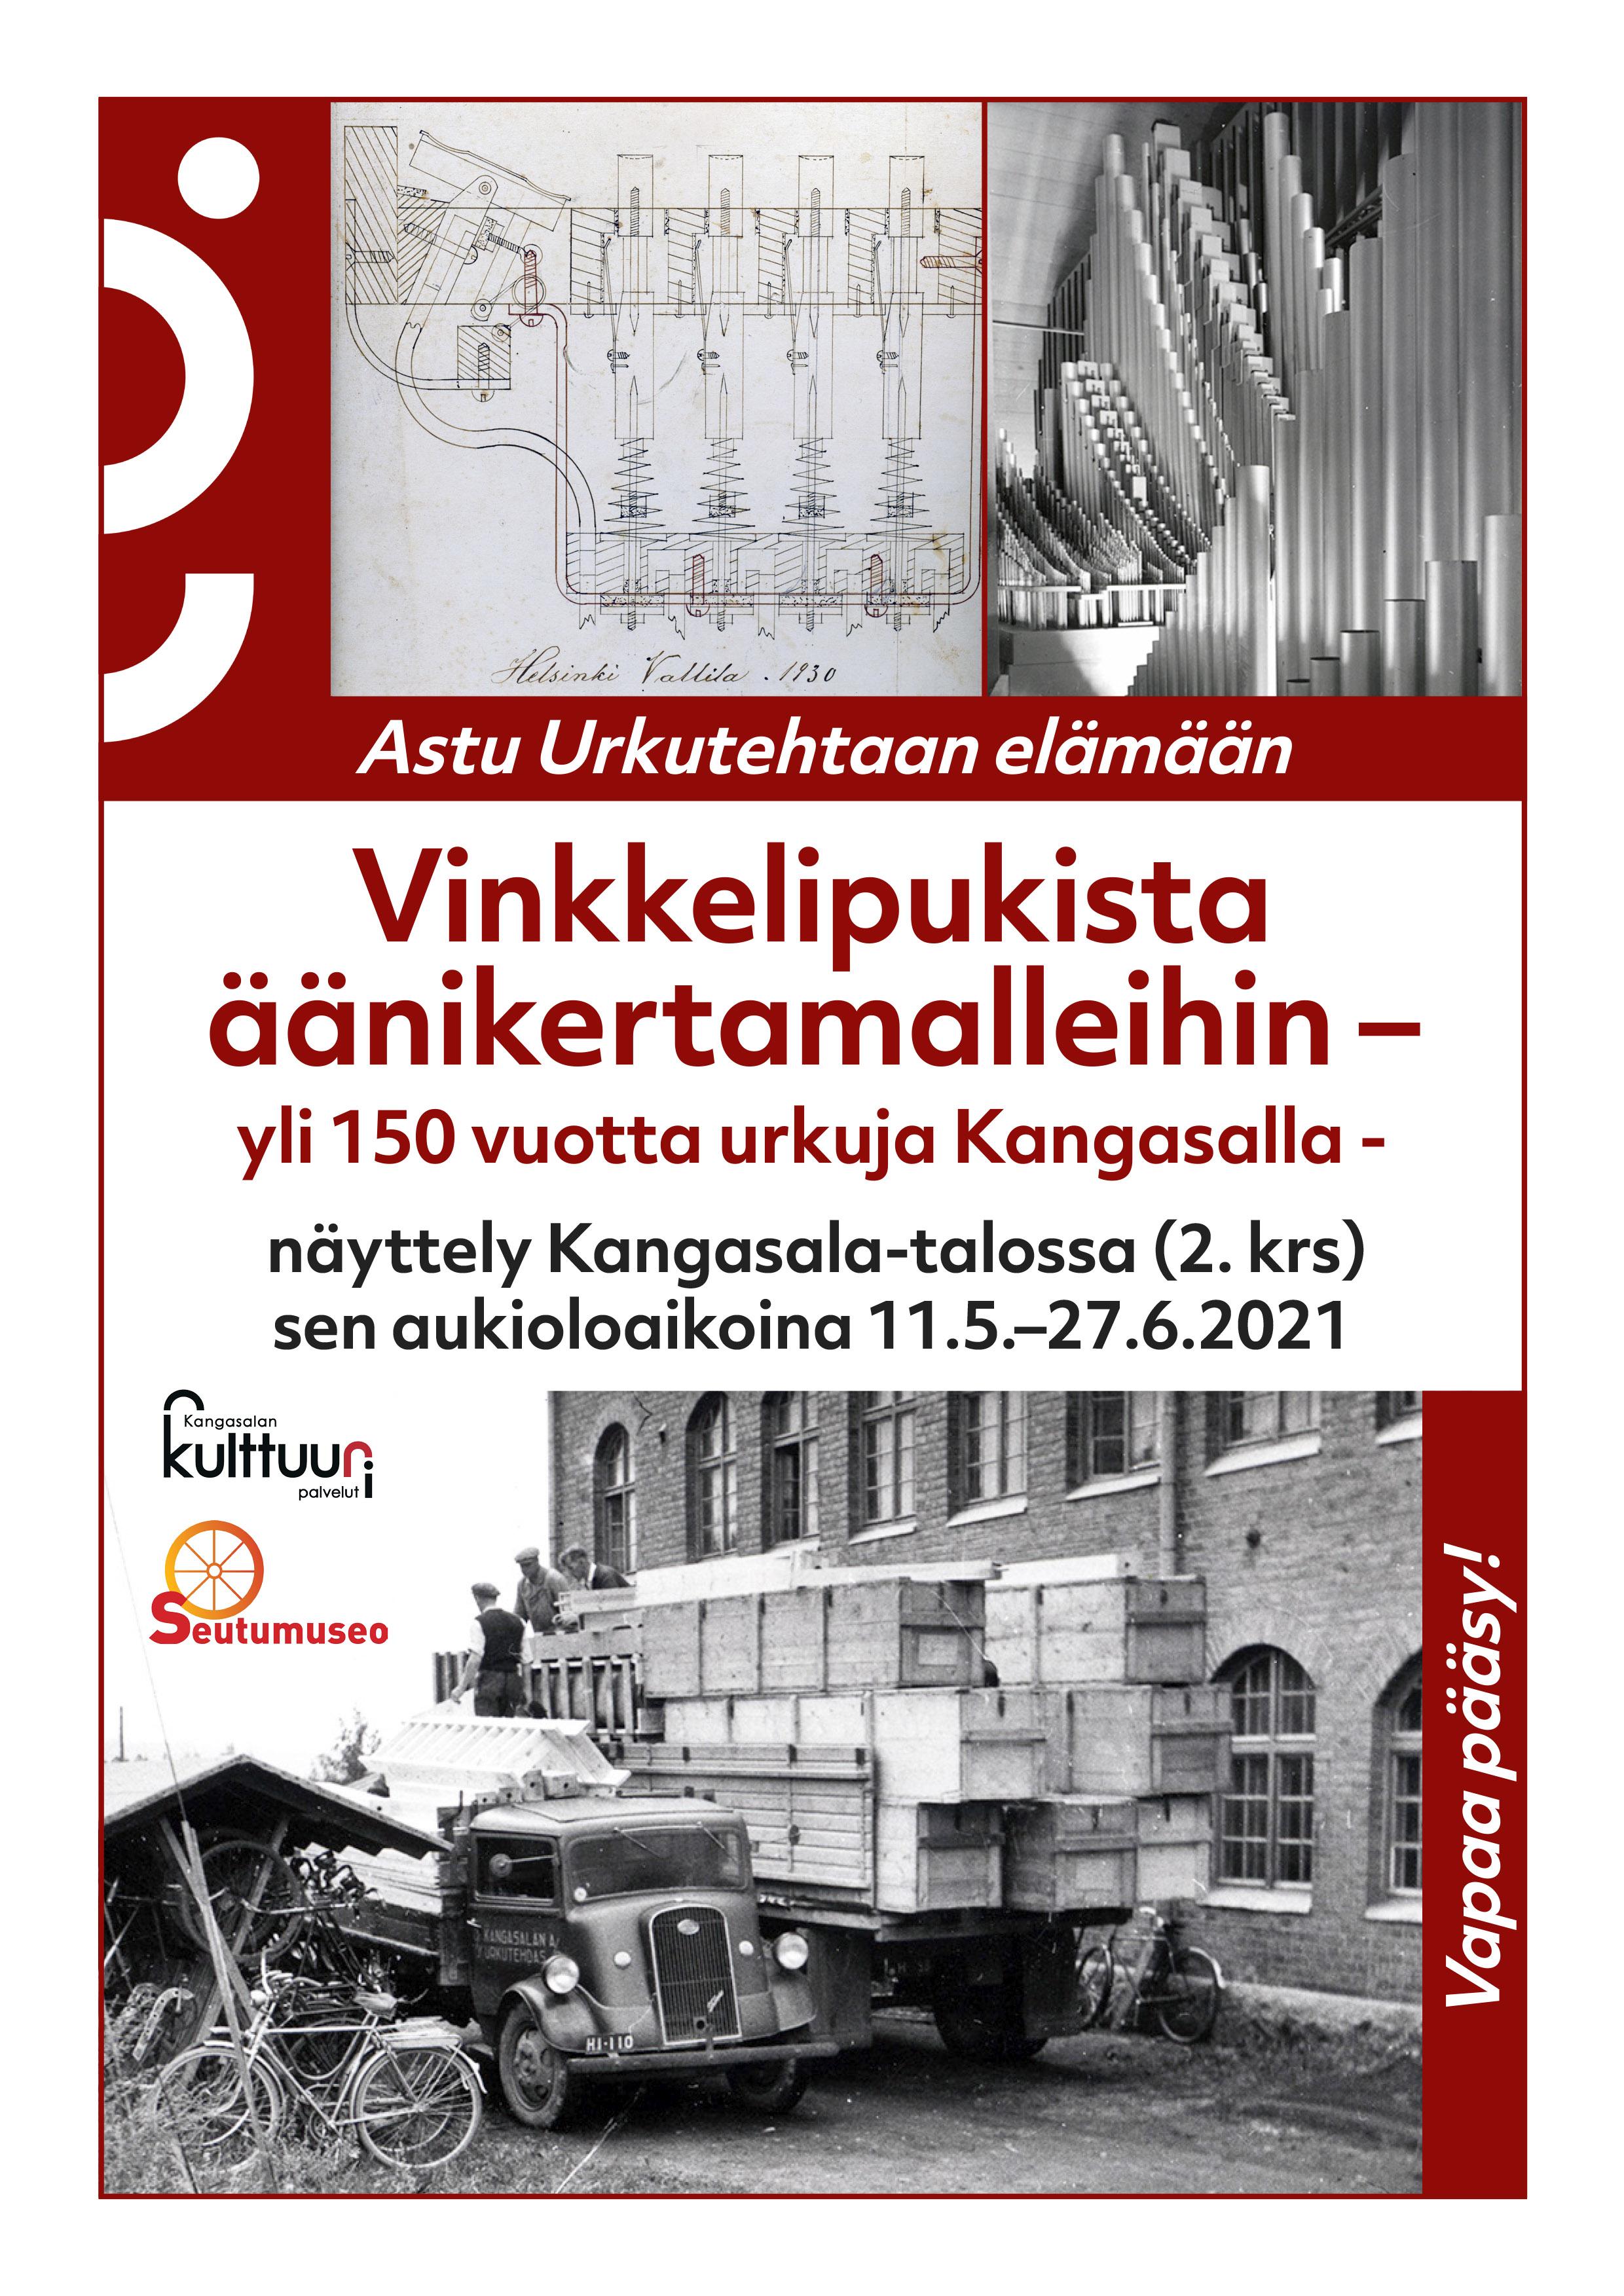 Vinkkelipukista äänikertamalleihin – yli 150 vuotta urkuja Kangasalla -näyttely Kangasala-talossa 11.5.-27.6.2021.